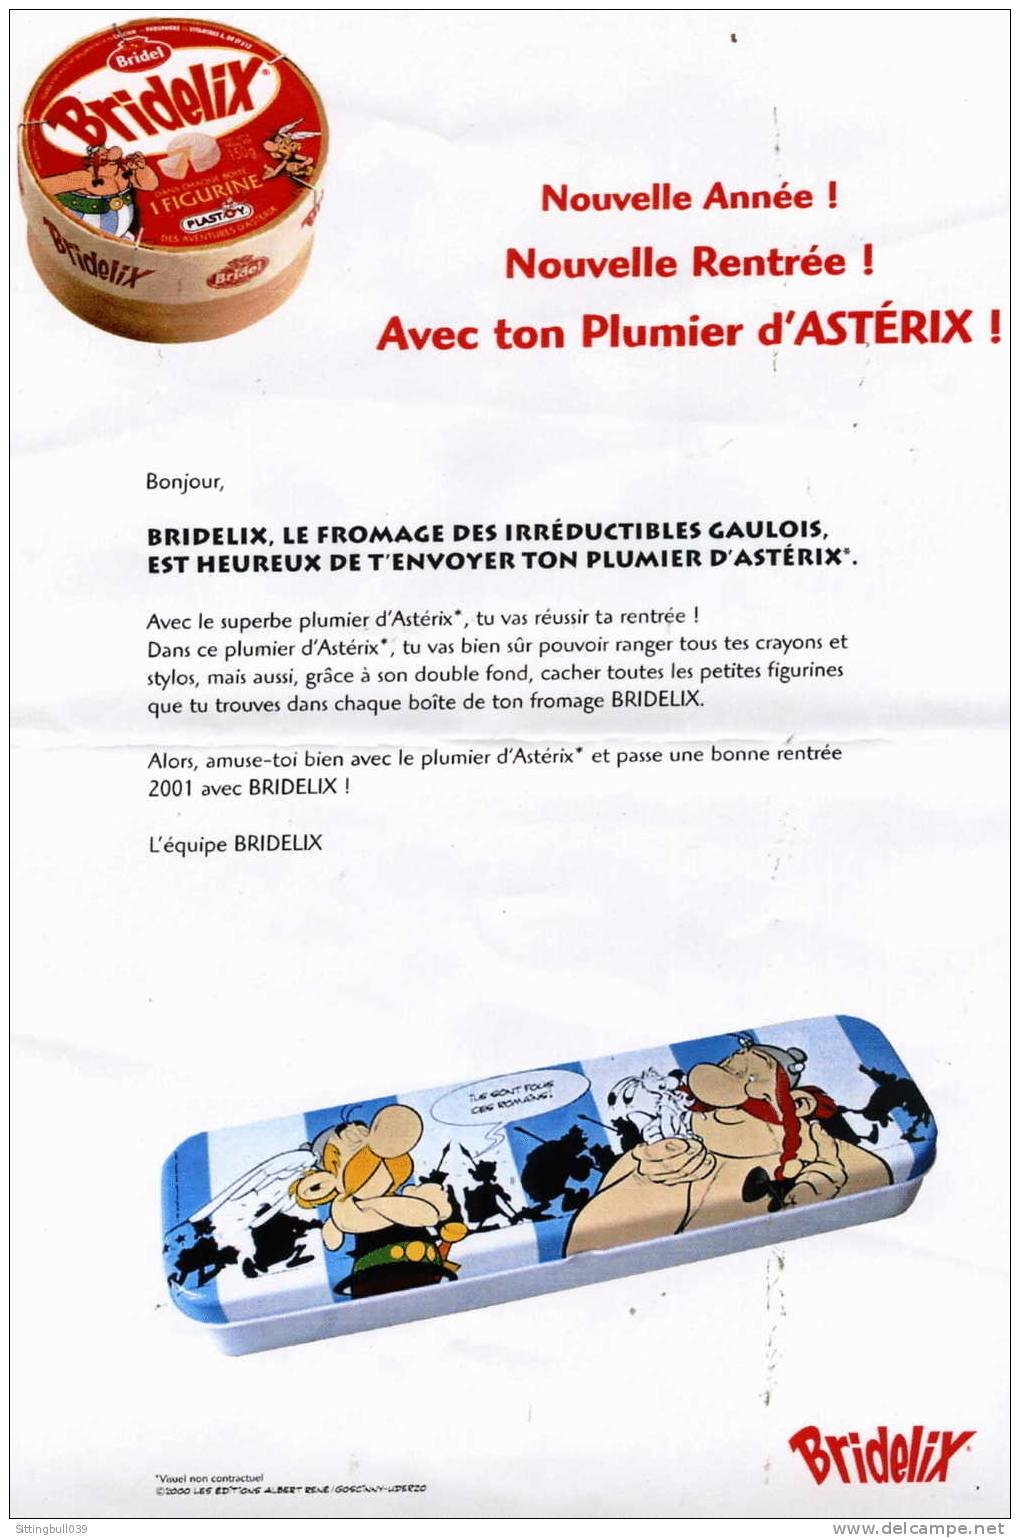 asterix  publicite bridelix accompagnee du cadeau   le plumier asterix  1996 les ed  albert ren u00e9